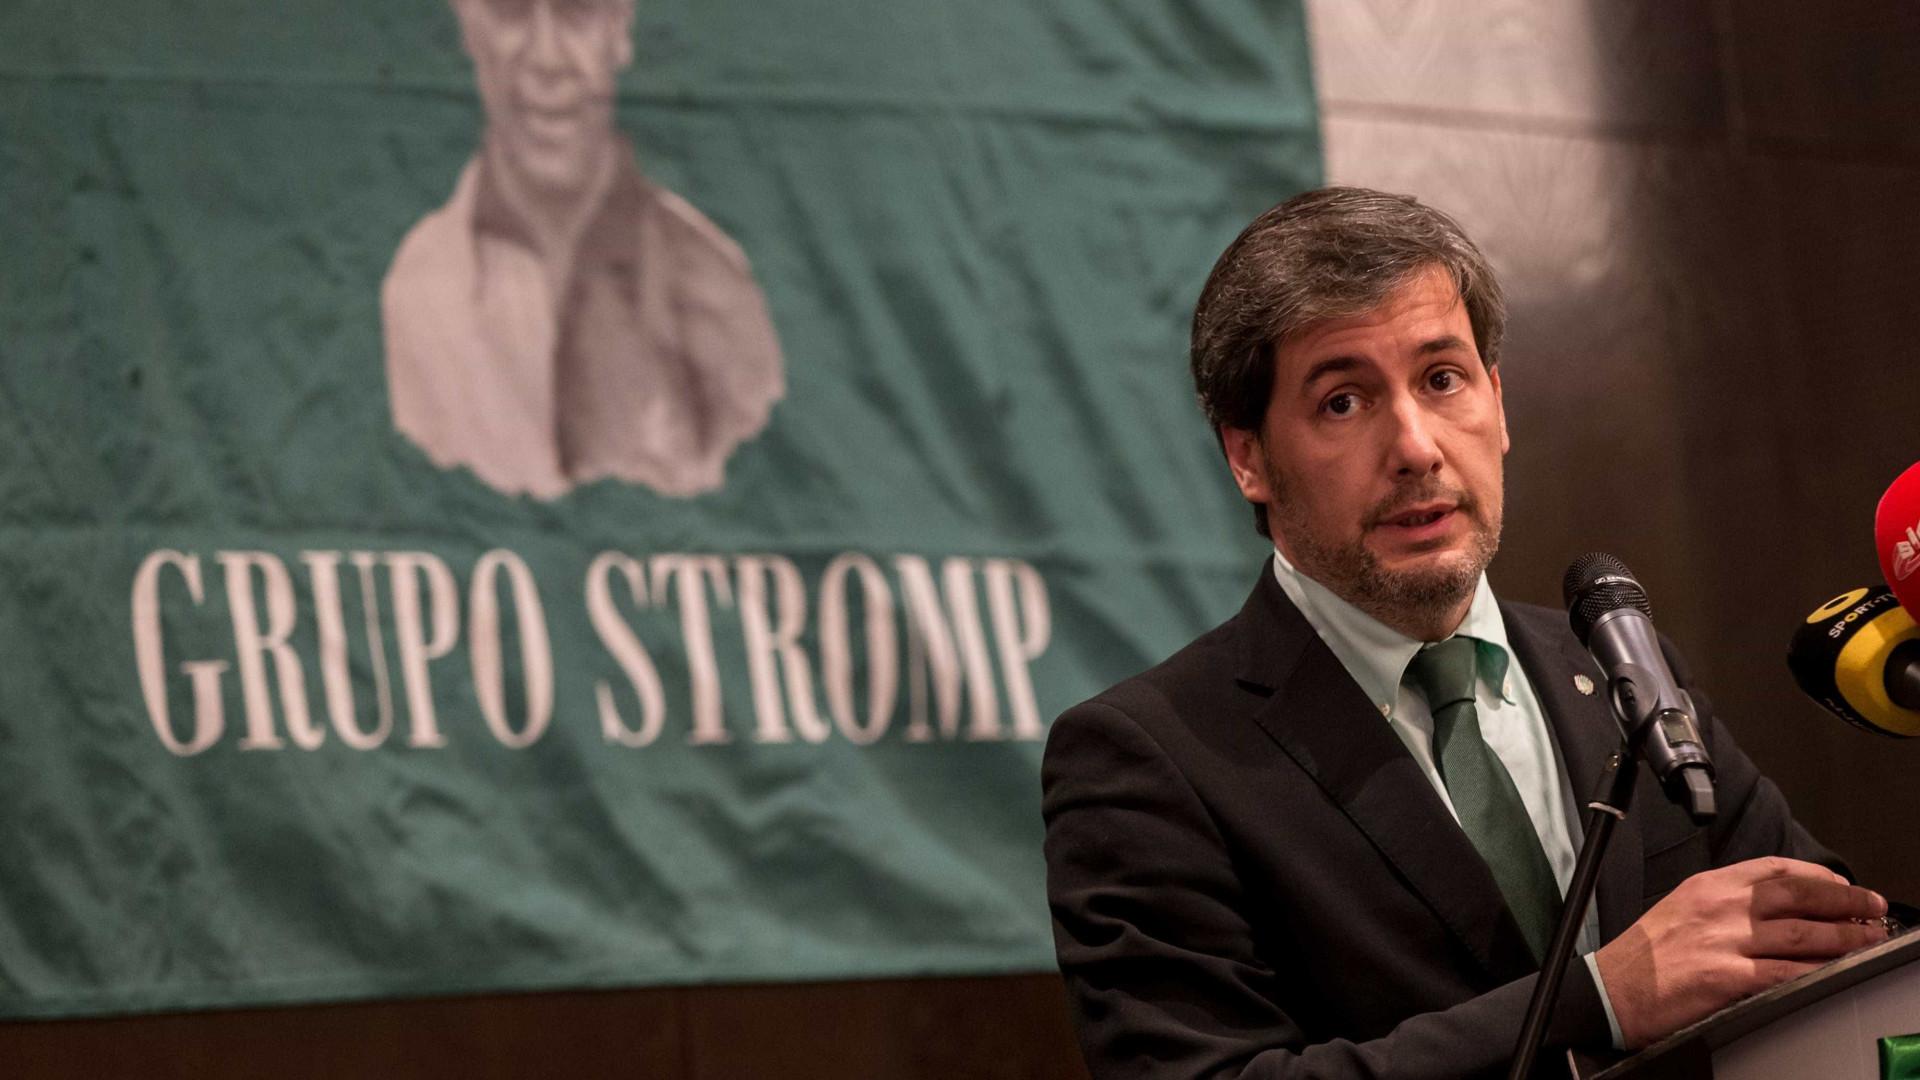 Bruno de Carvalho recusa responsabilidades pelo ataque